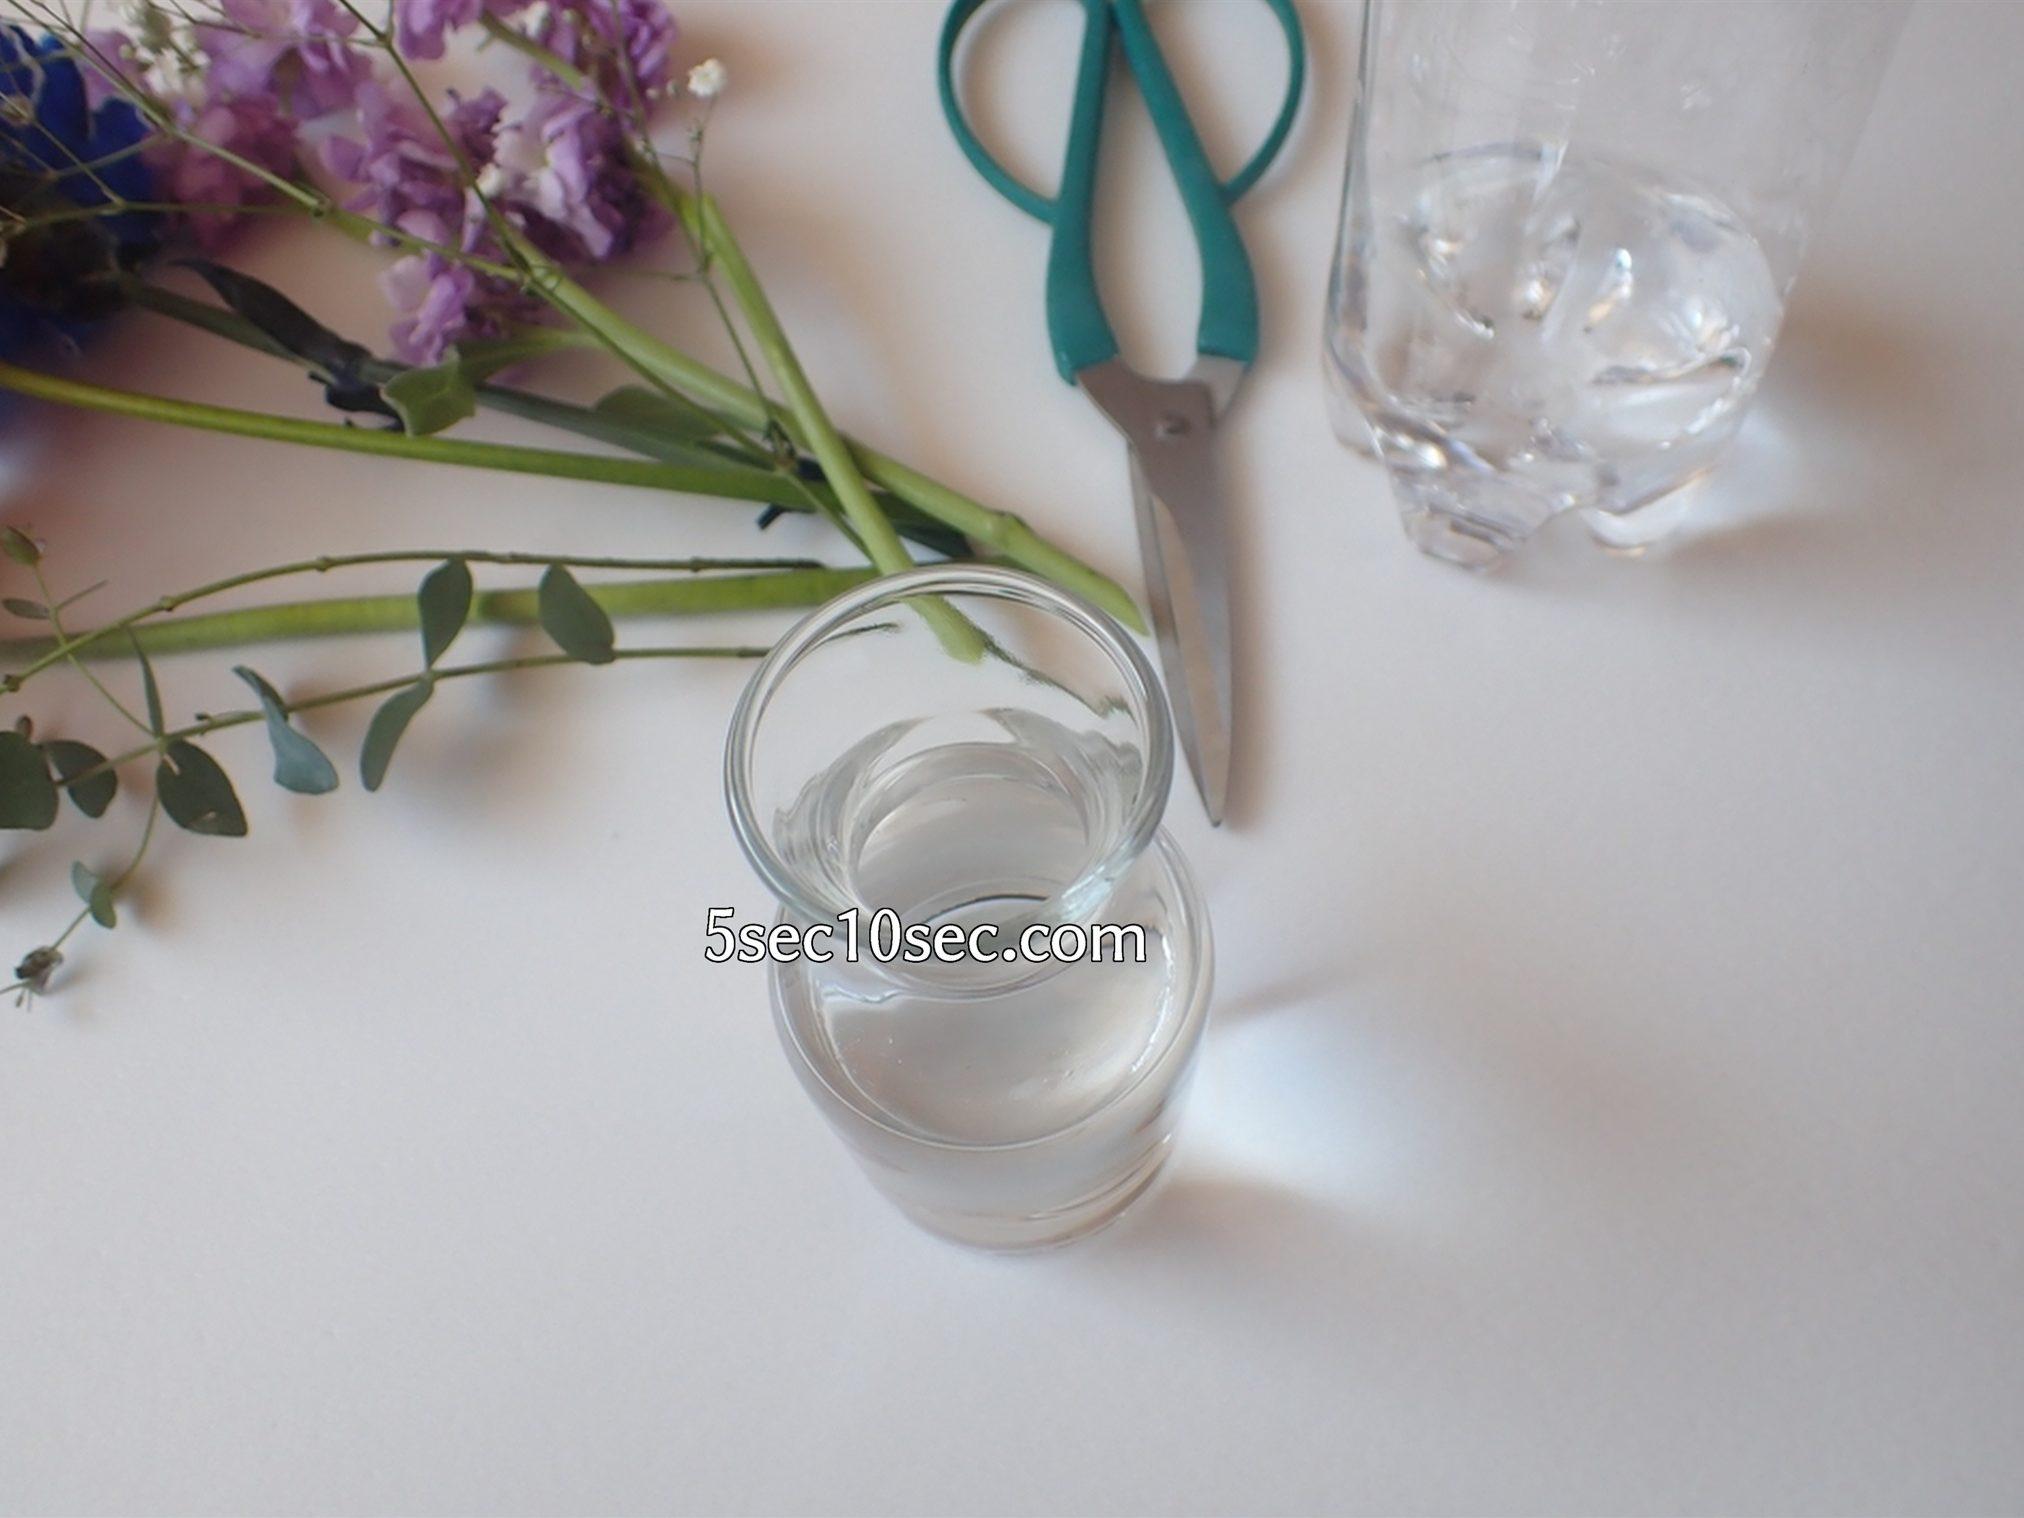 株式会社Crunch Style お花の定期便 Bloomee LIFE ブルーミーライフ 800円のレギュラープラン 茎を少し切って、切り口を新しくしてから、お花の延命水を入れた新しい水に水換えする